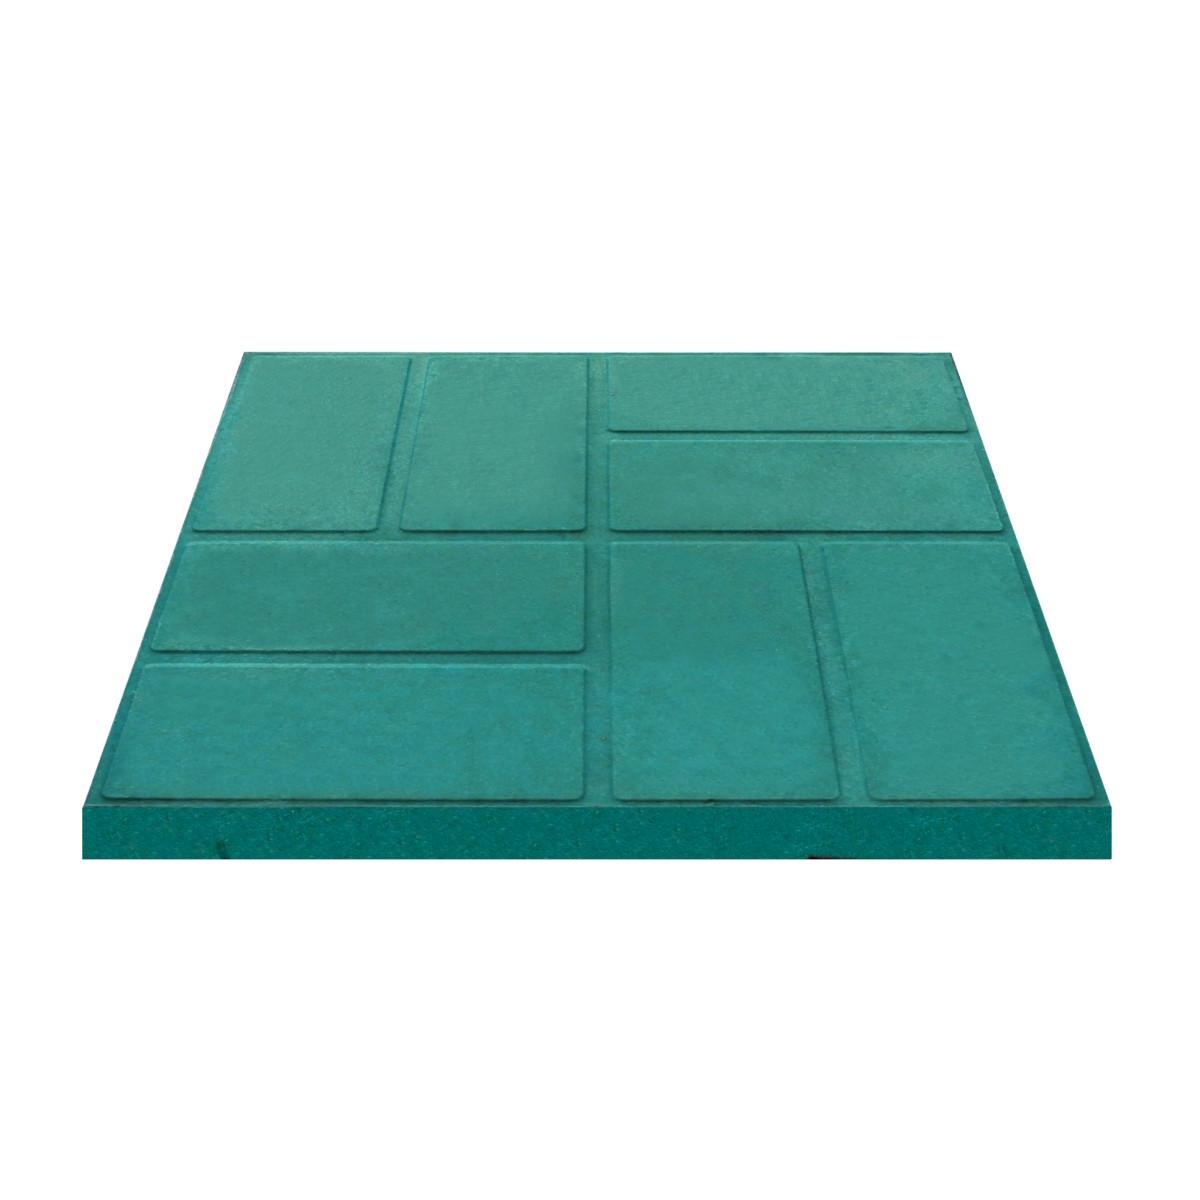 Плитка тротуарная 330x330x35 мм цвет зеленый